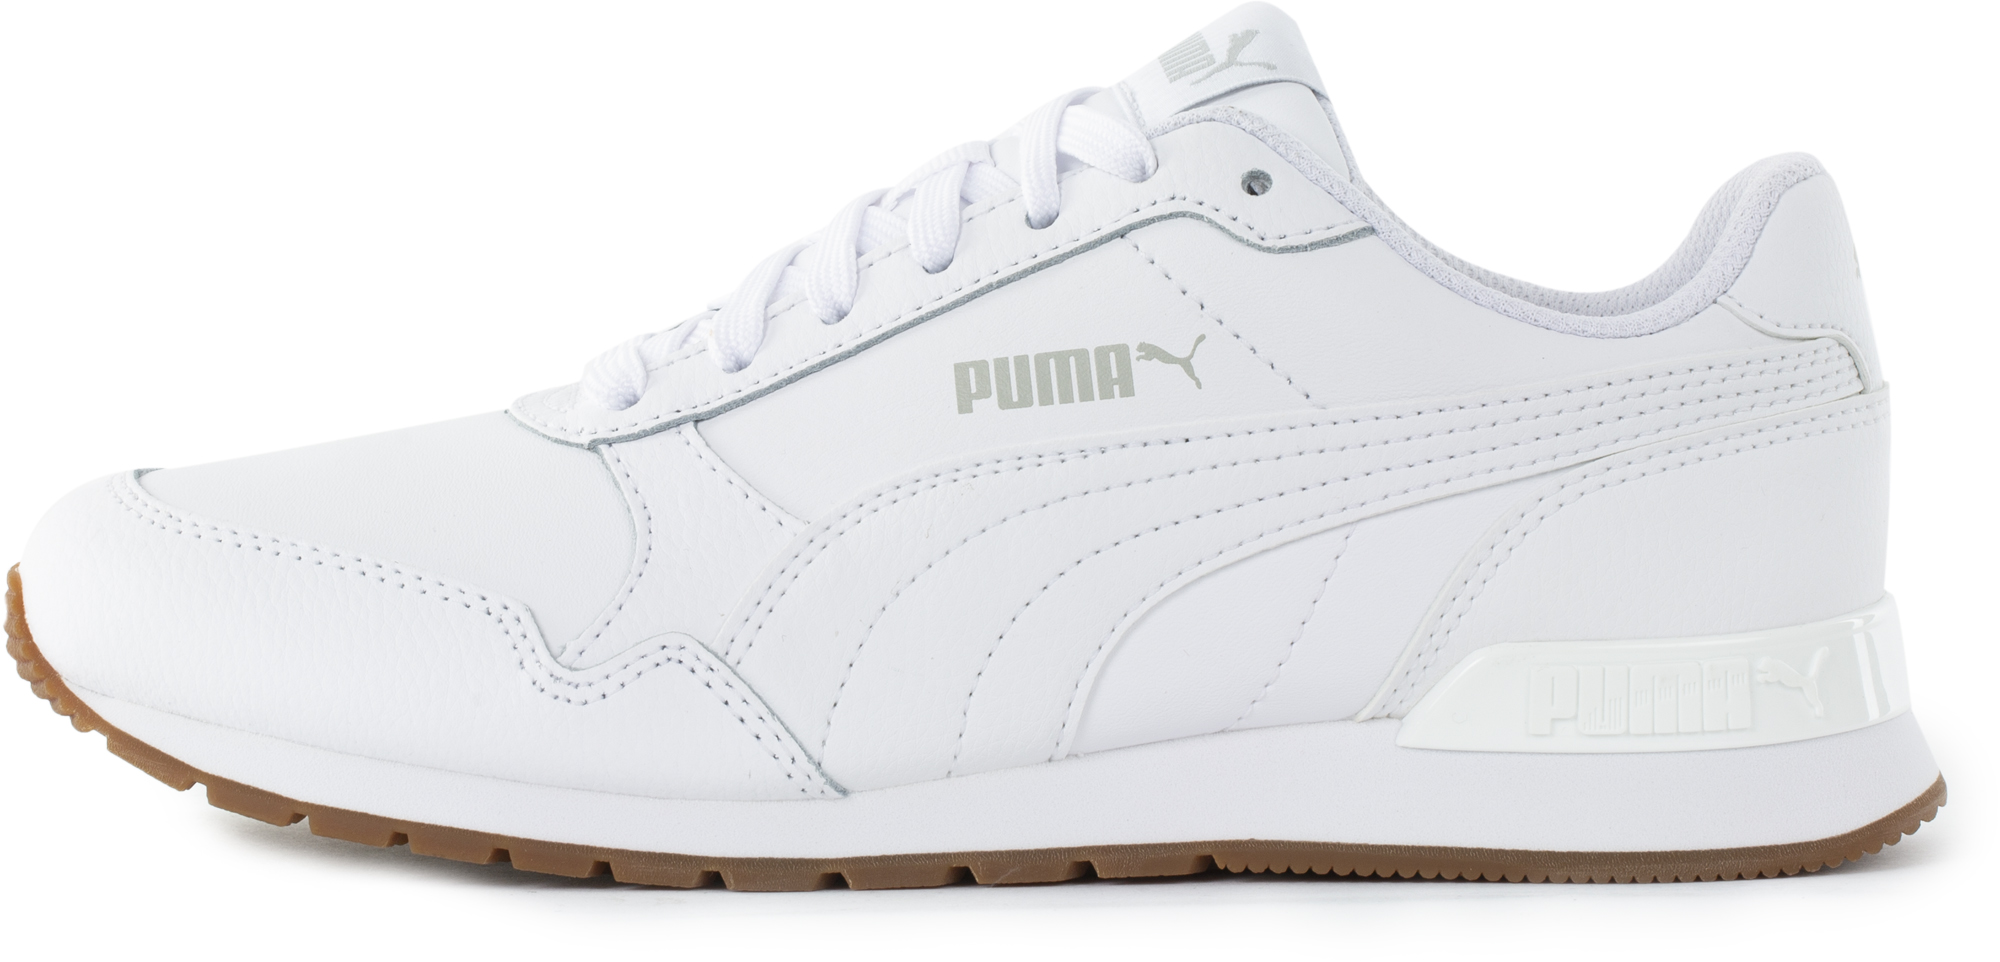 Фото - Puma Кроссовки мужские Puma St Runner V2 Full, размер 39.5 кроссовки мужские puma st runner